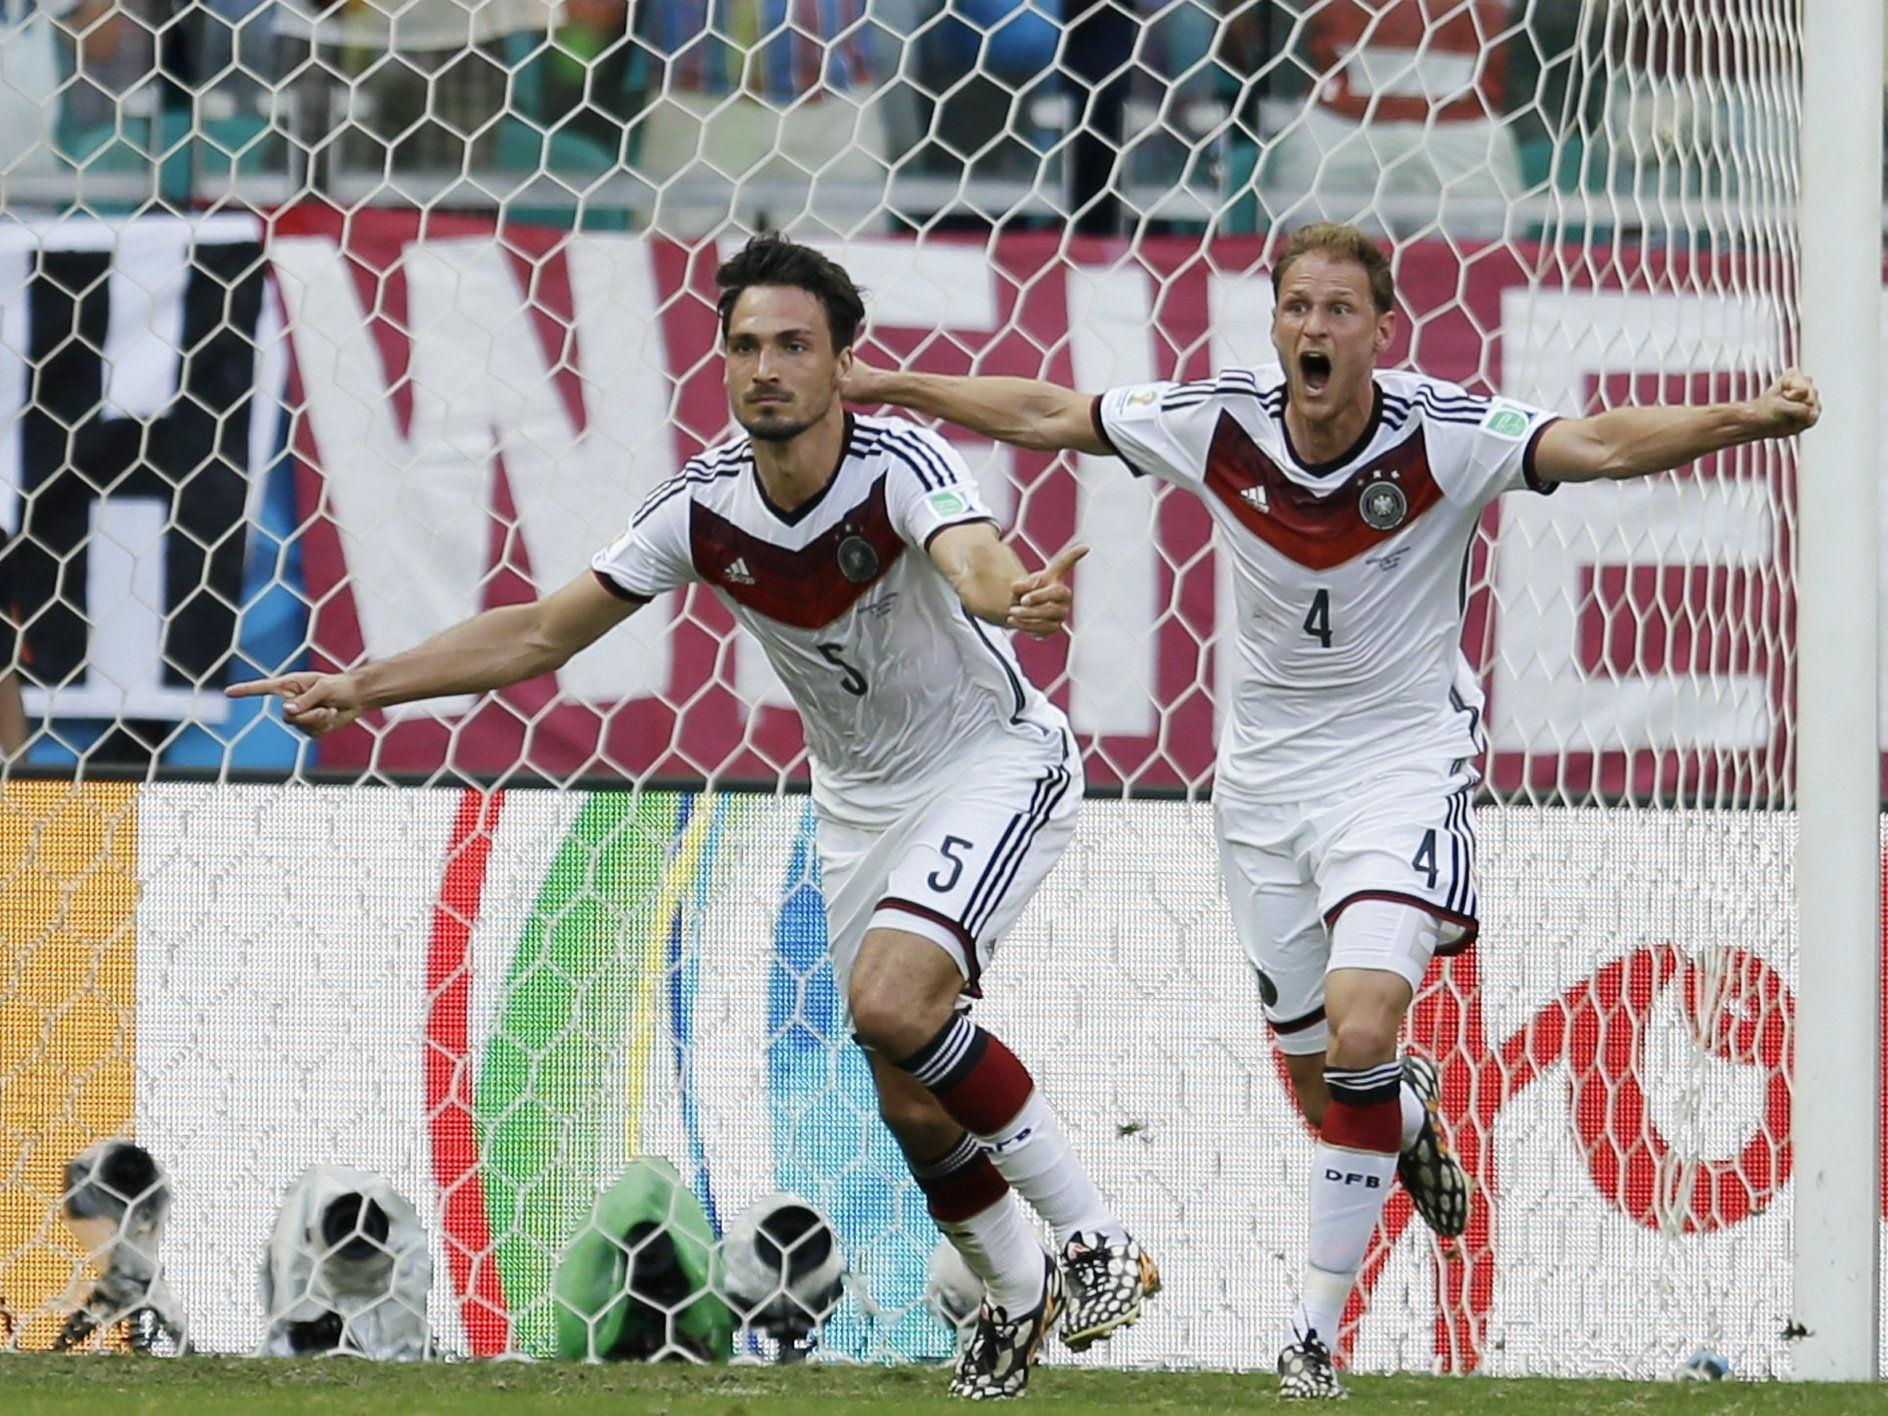 Mats Hummels erzielte per Kopf das 2:0 für Deutschland.